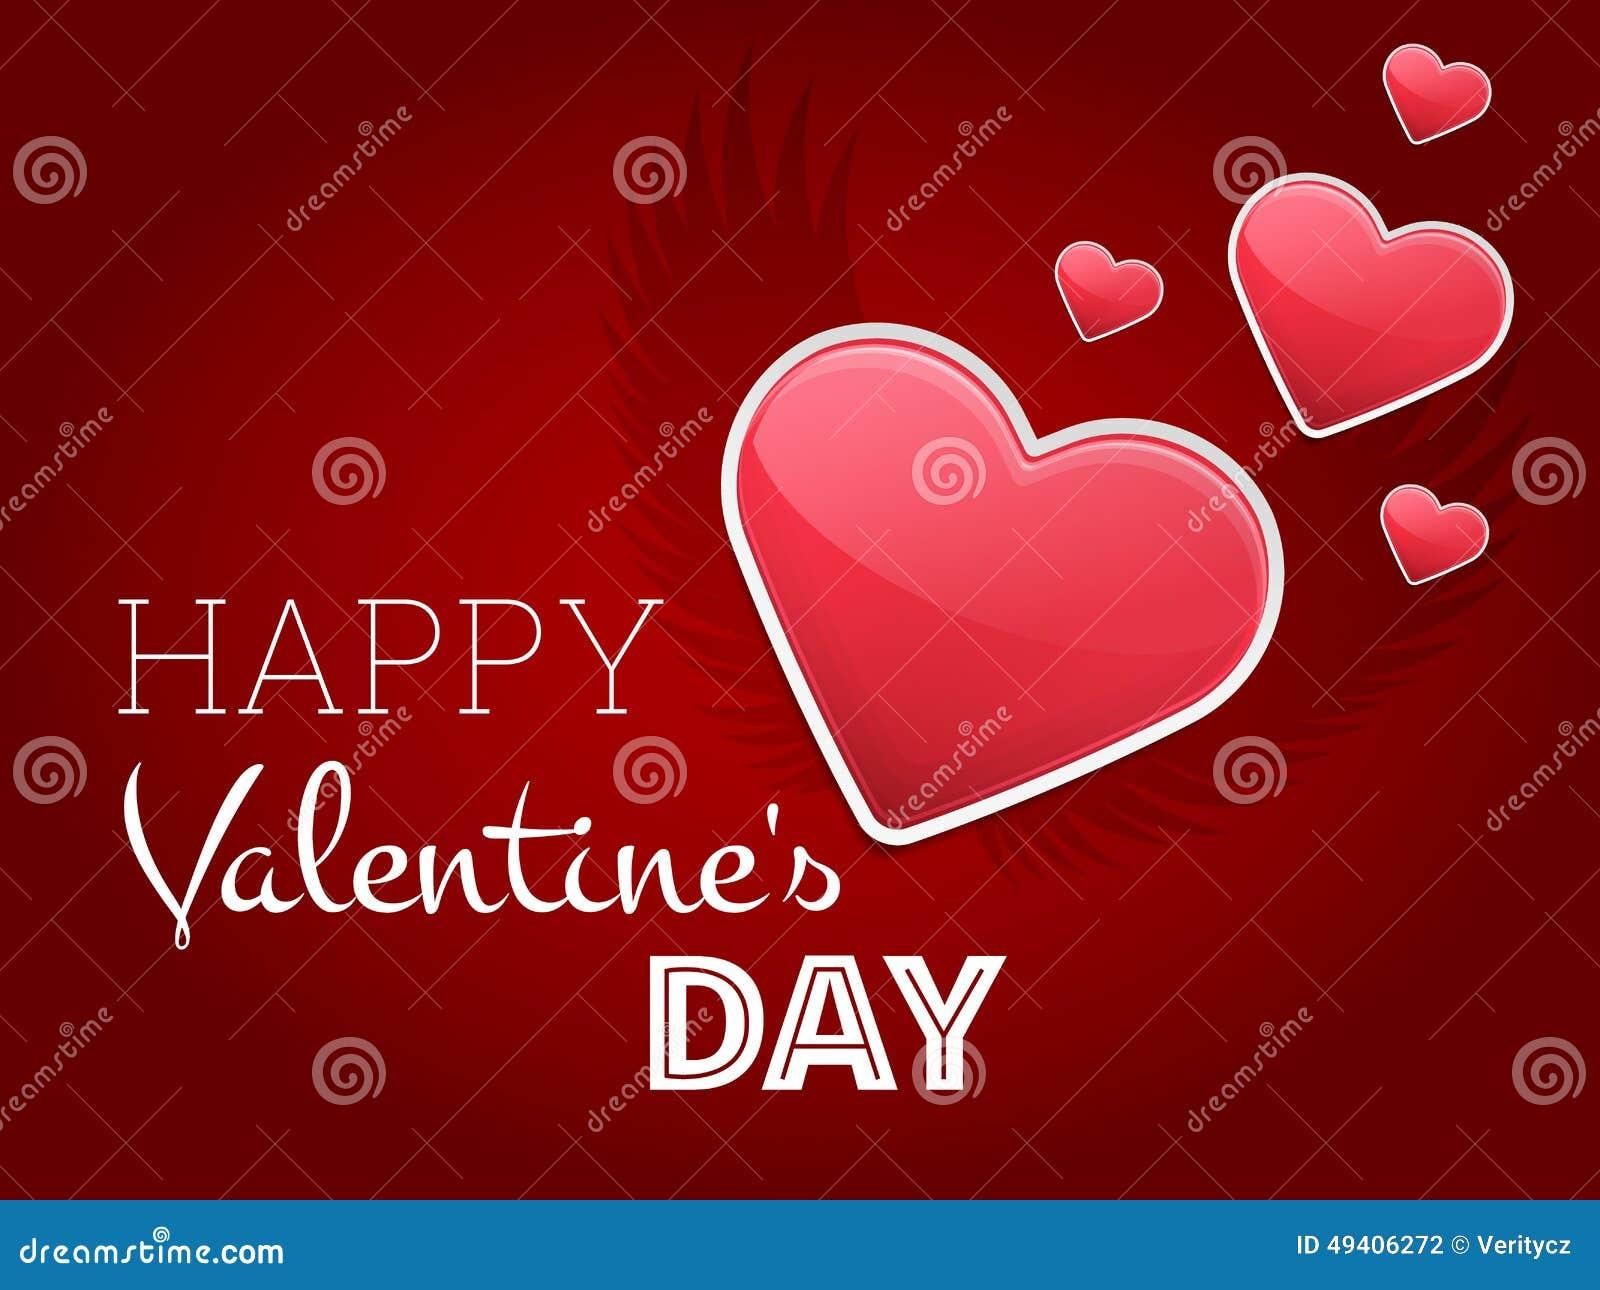 Download Valentine Love Background vektor abbildung. Illustration von schönheit - 49406272